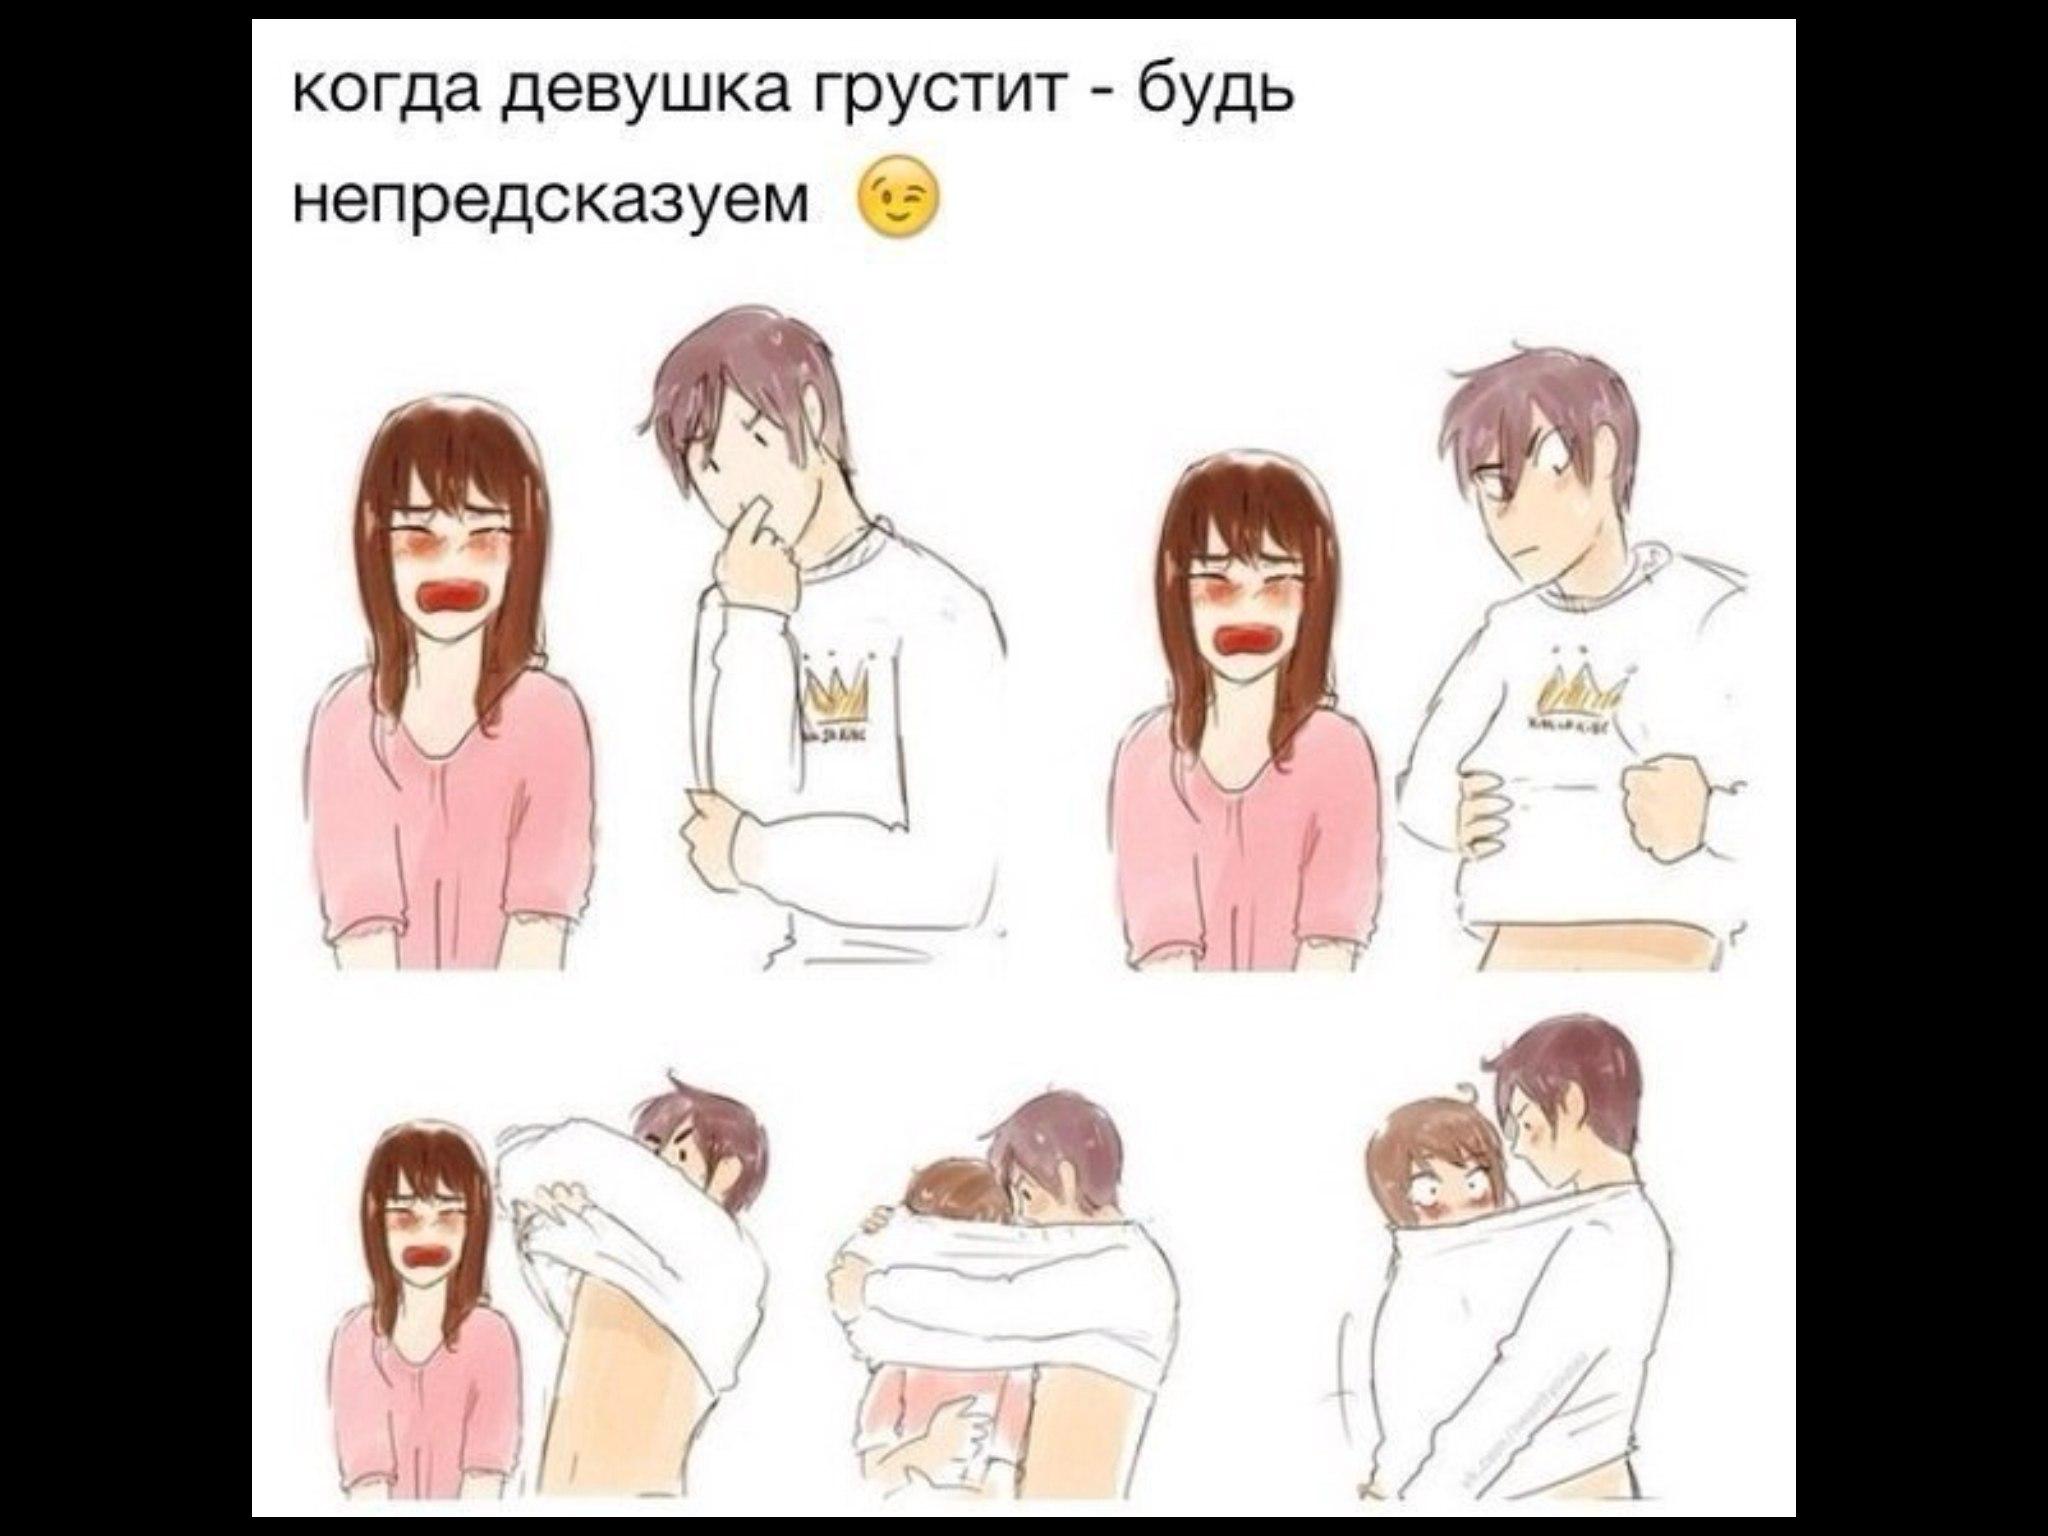 Как сделать так чтобы подруга не уезжала